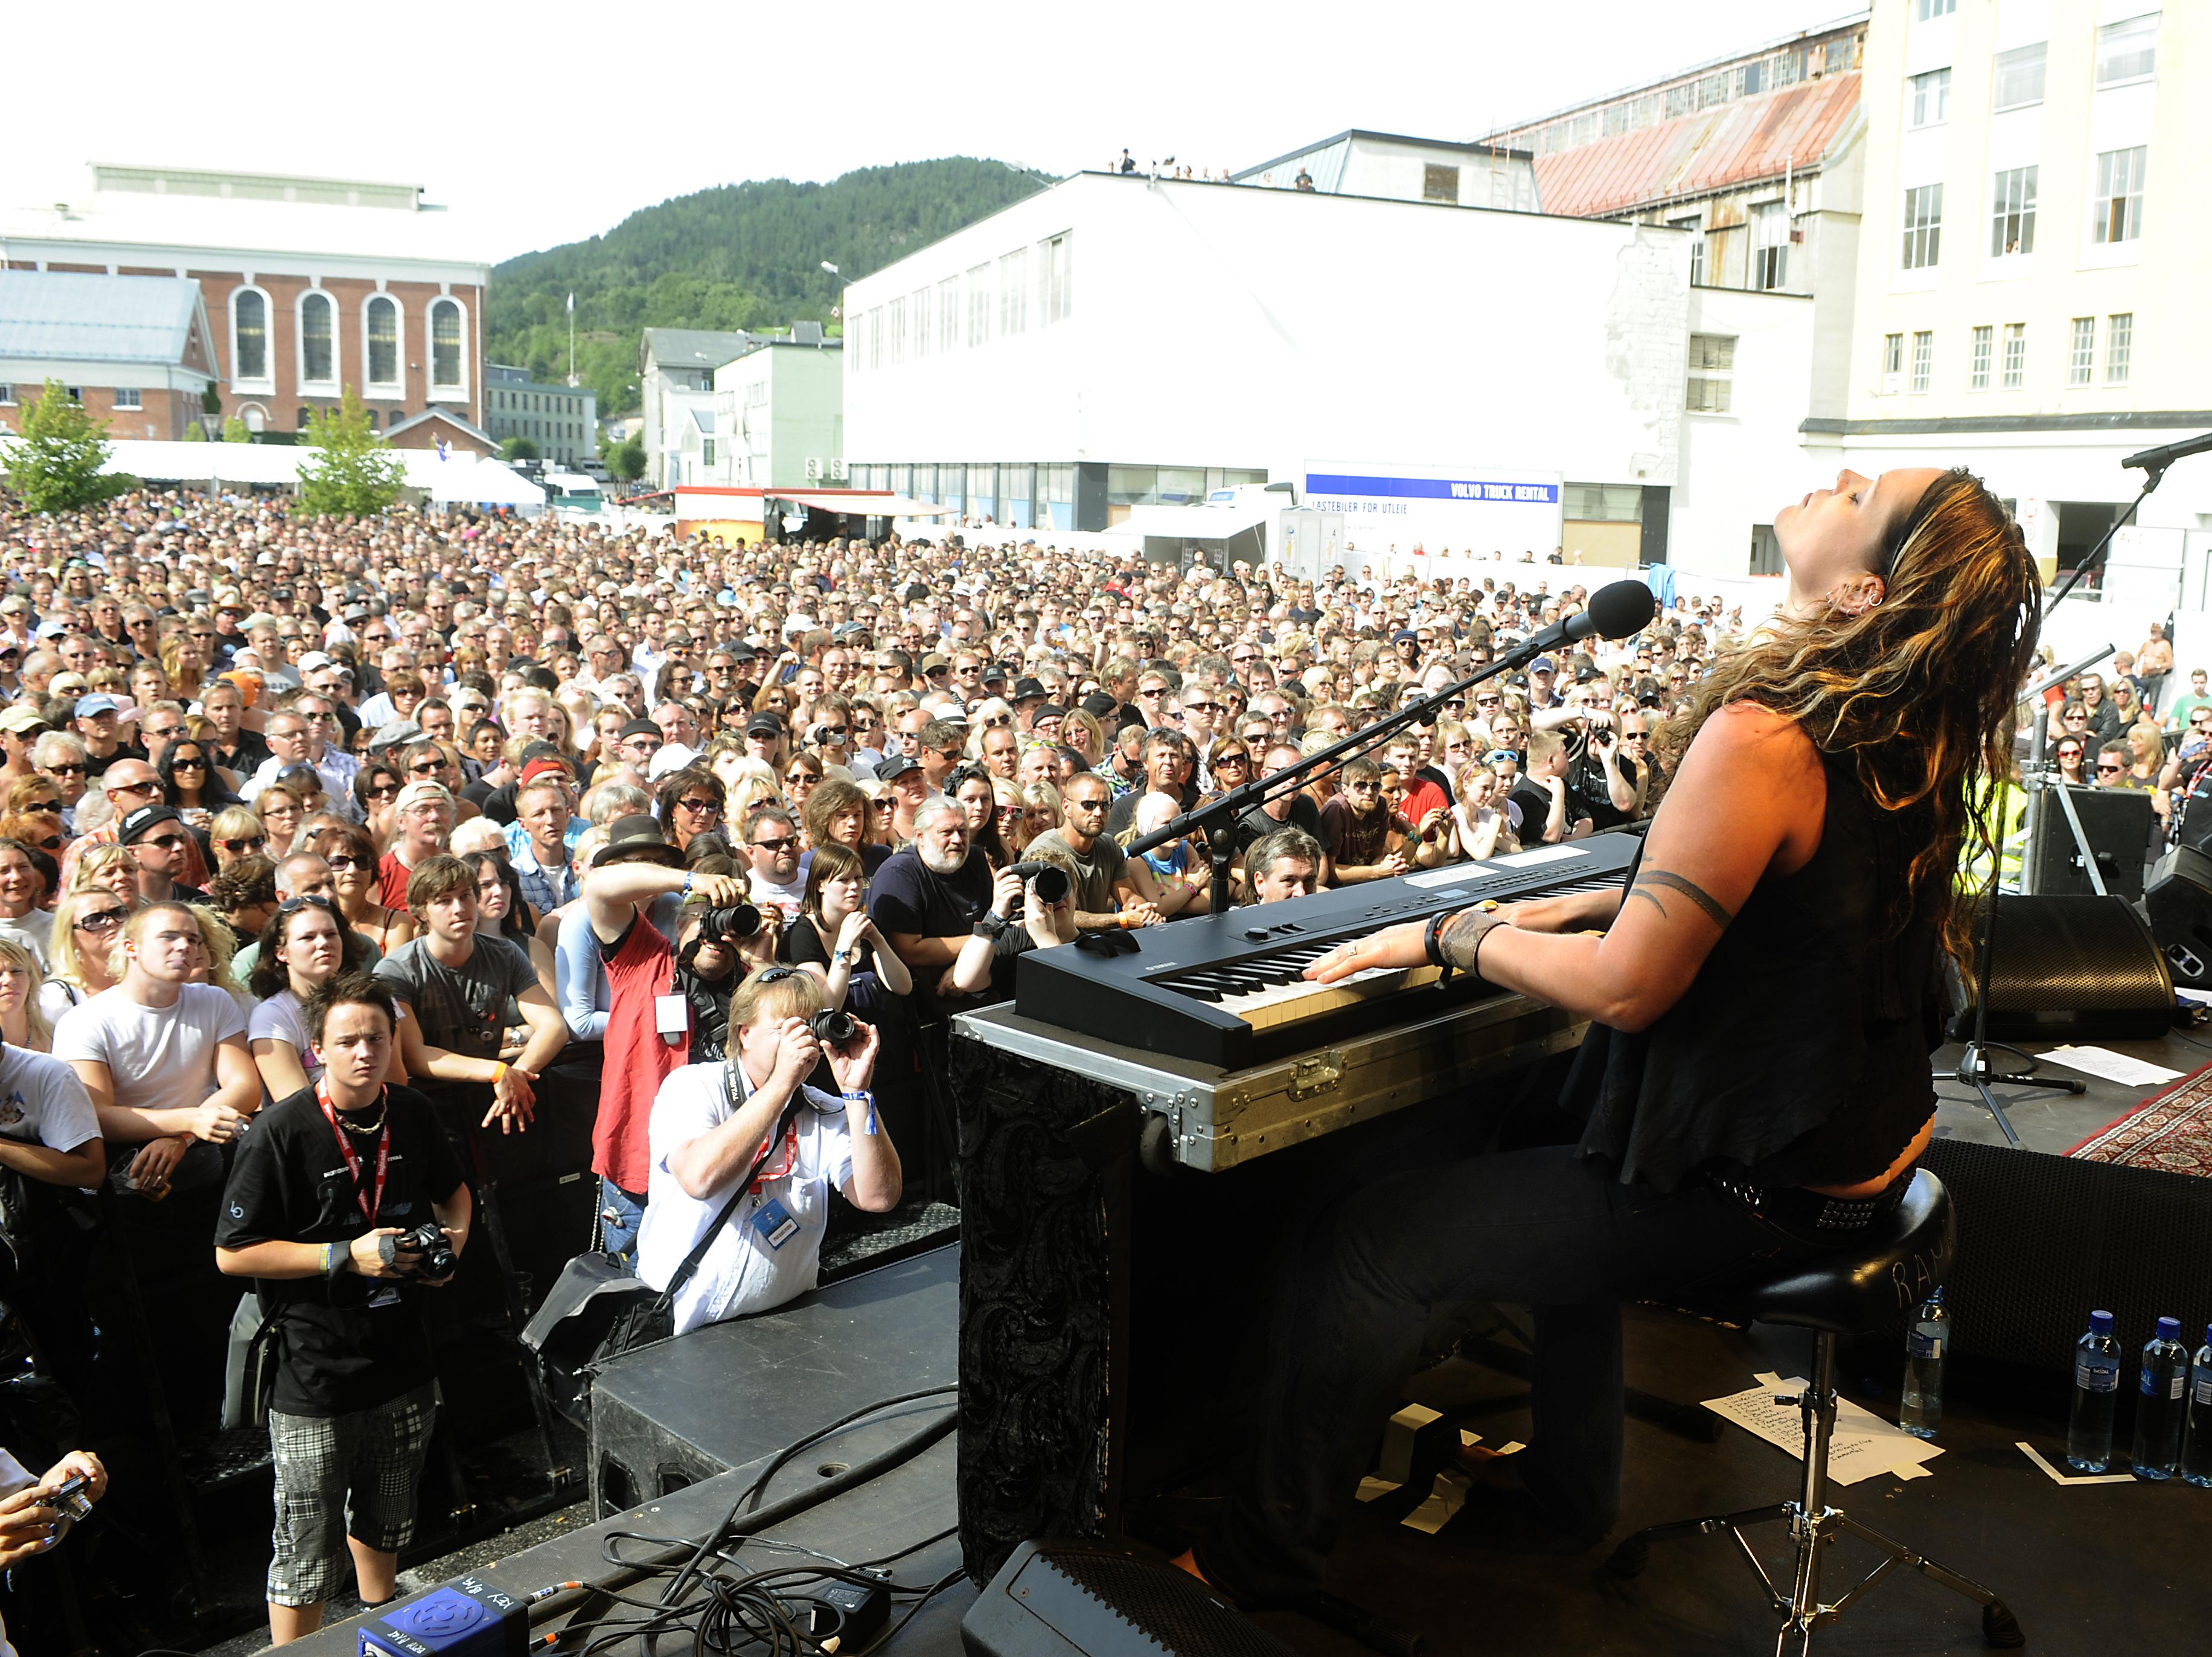 Notodden Bluesfestival 2009 Beth Hart